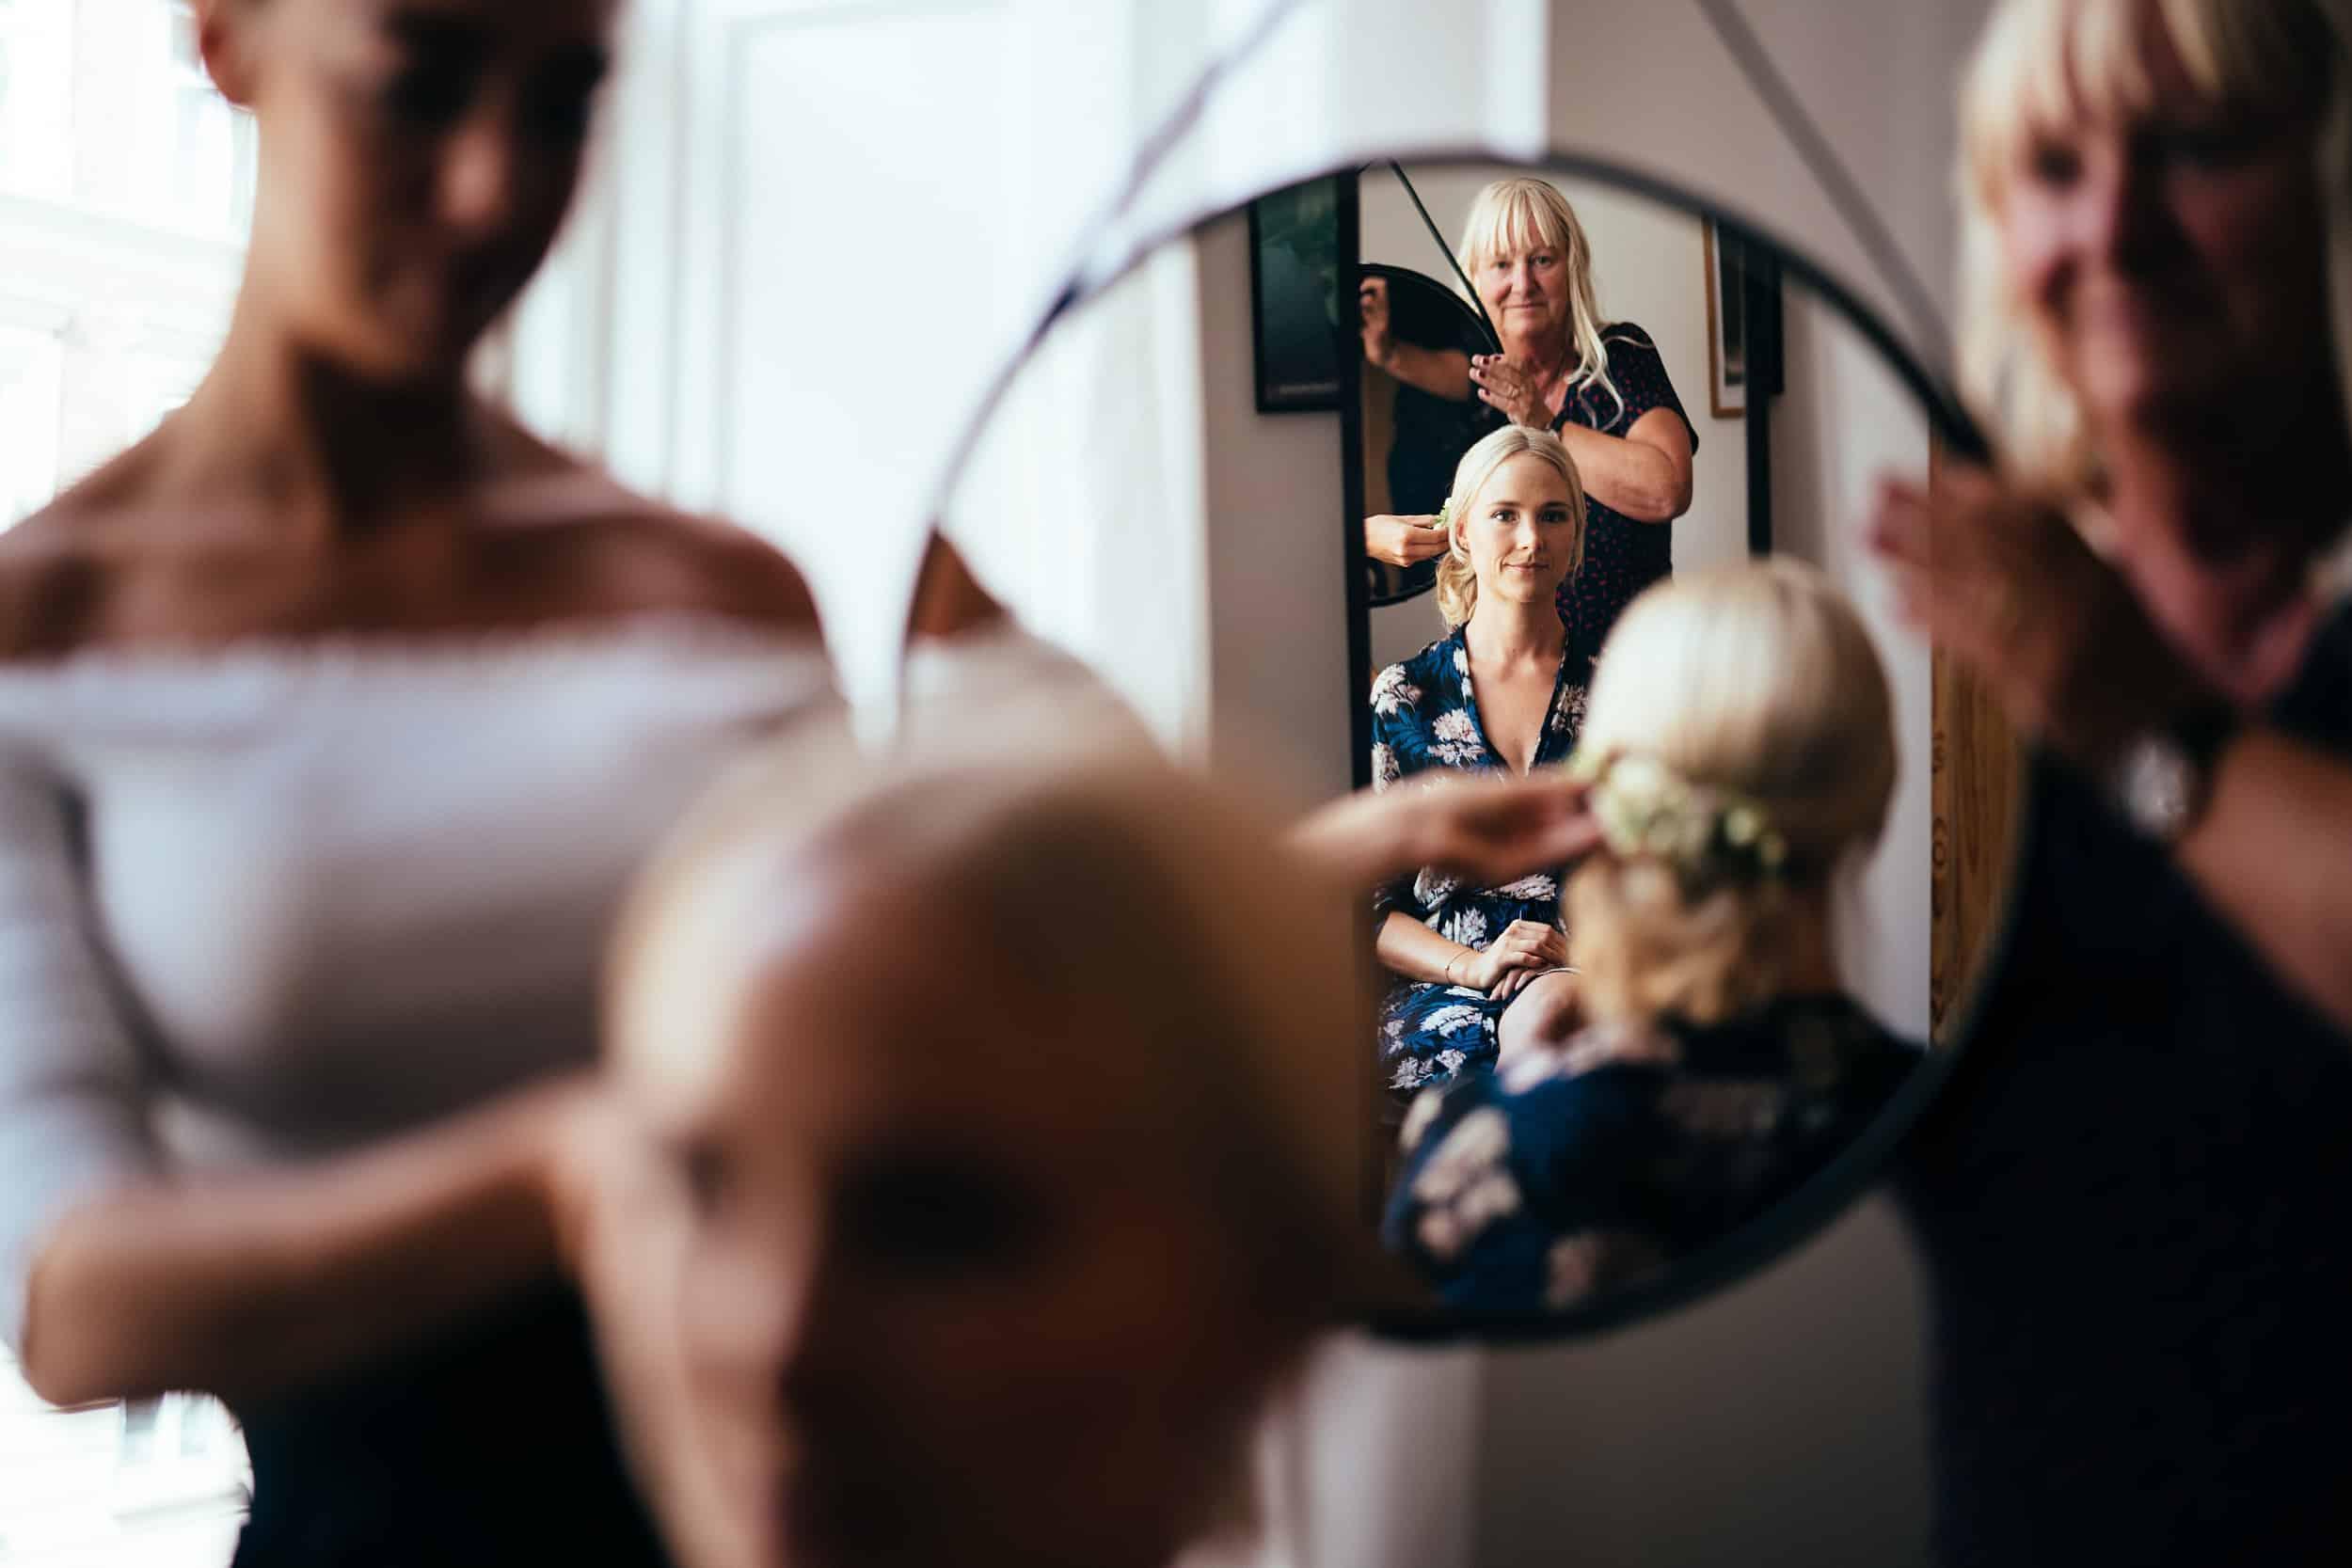 brud-ser-sig-selv-i-spejlet.jpg